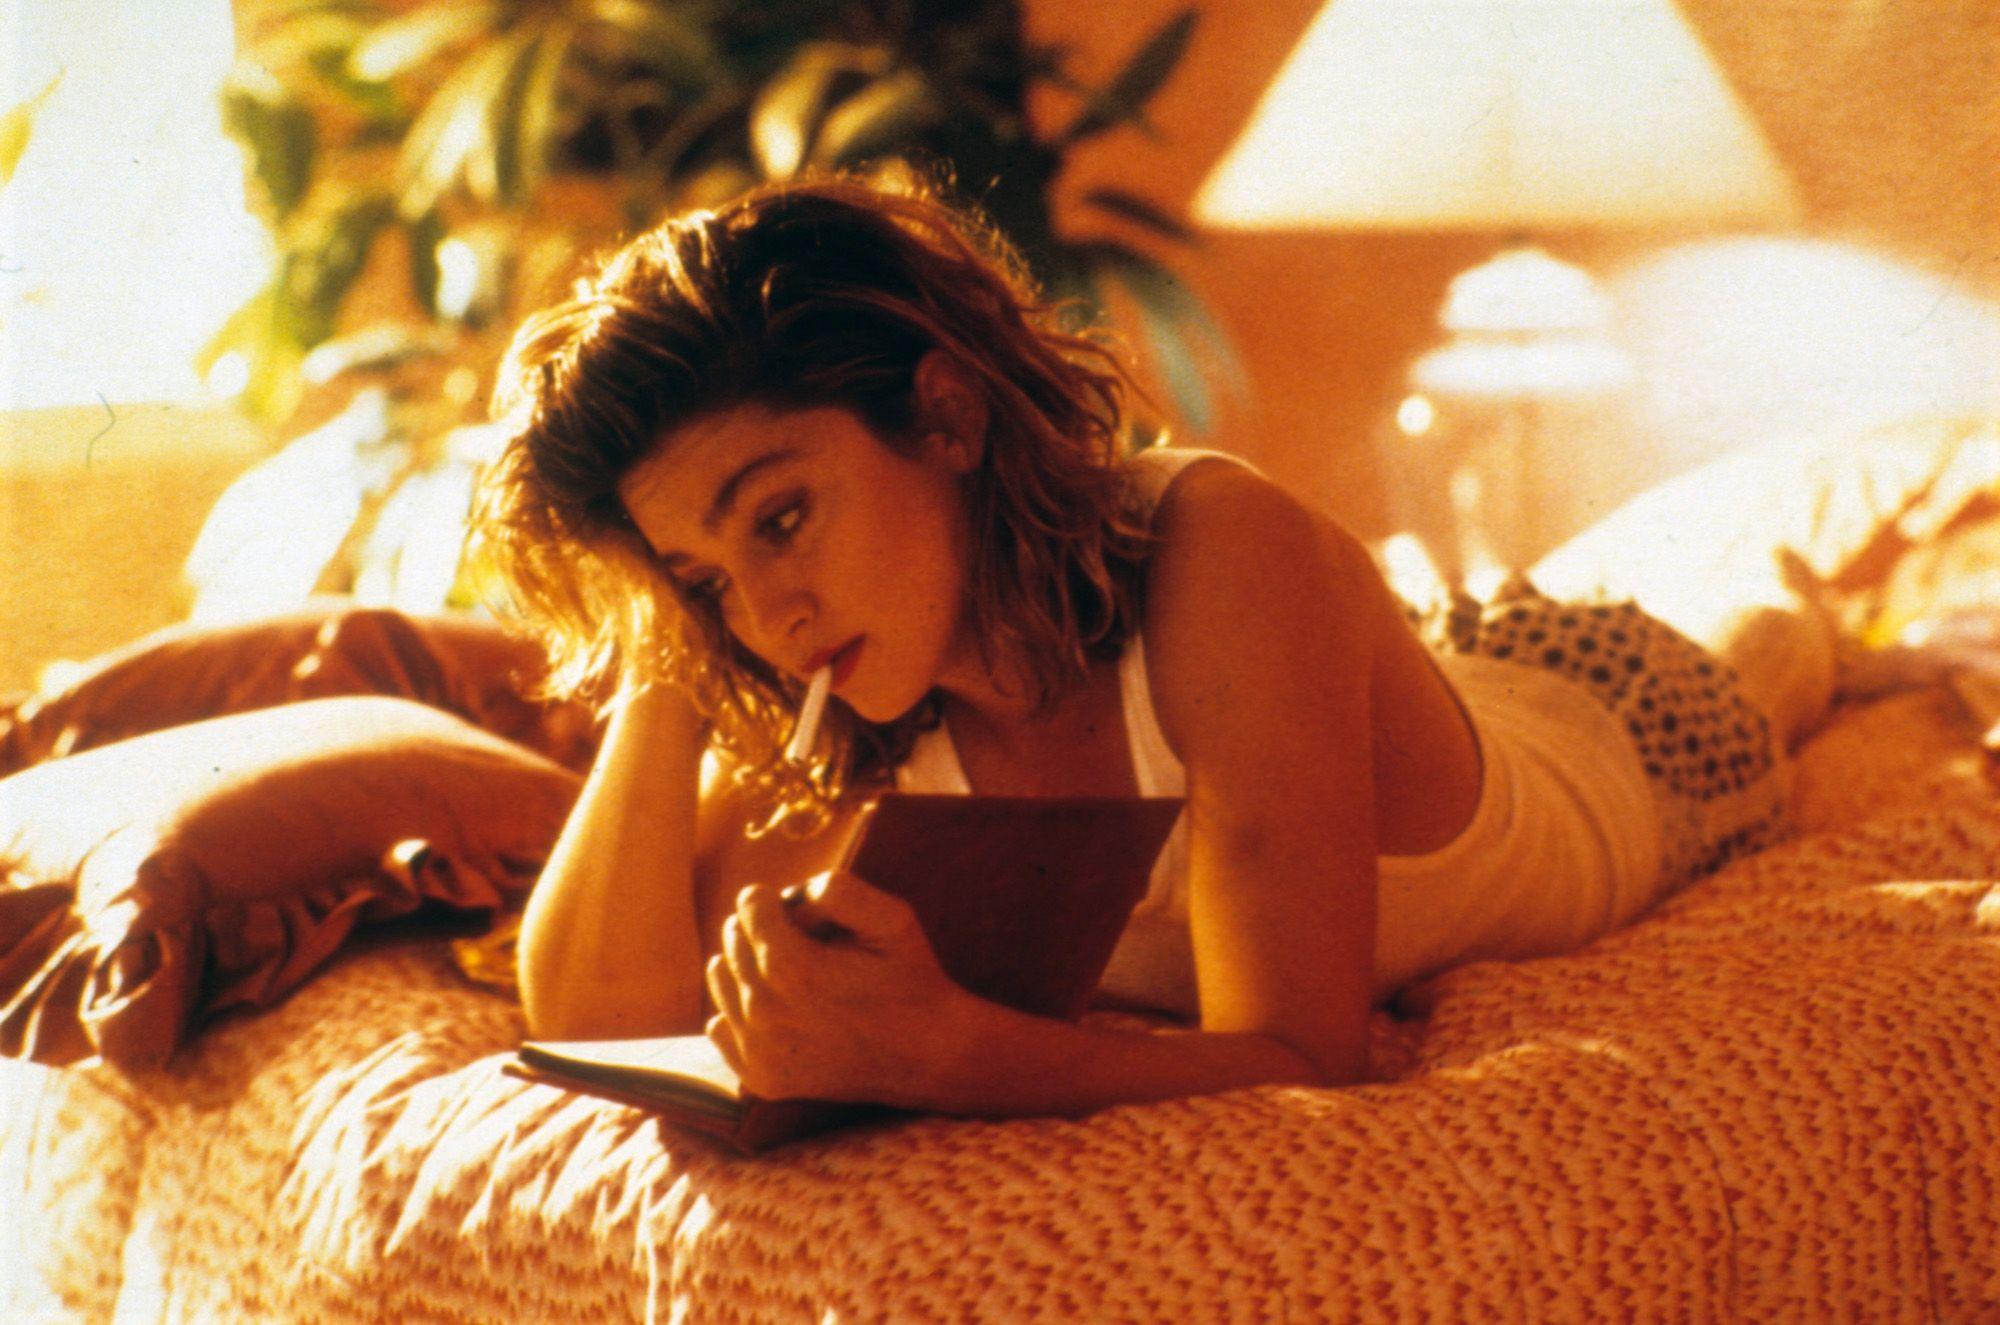 Madonna In 'Desperately Seeking Susan'